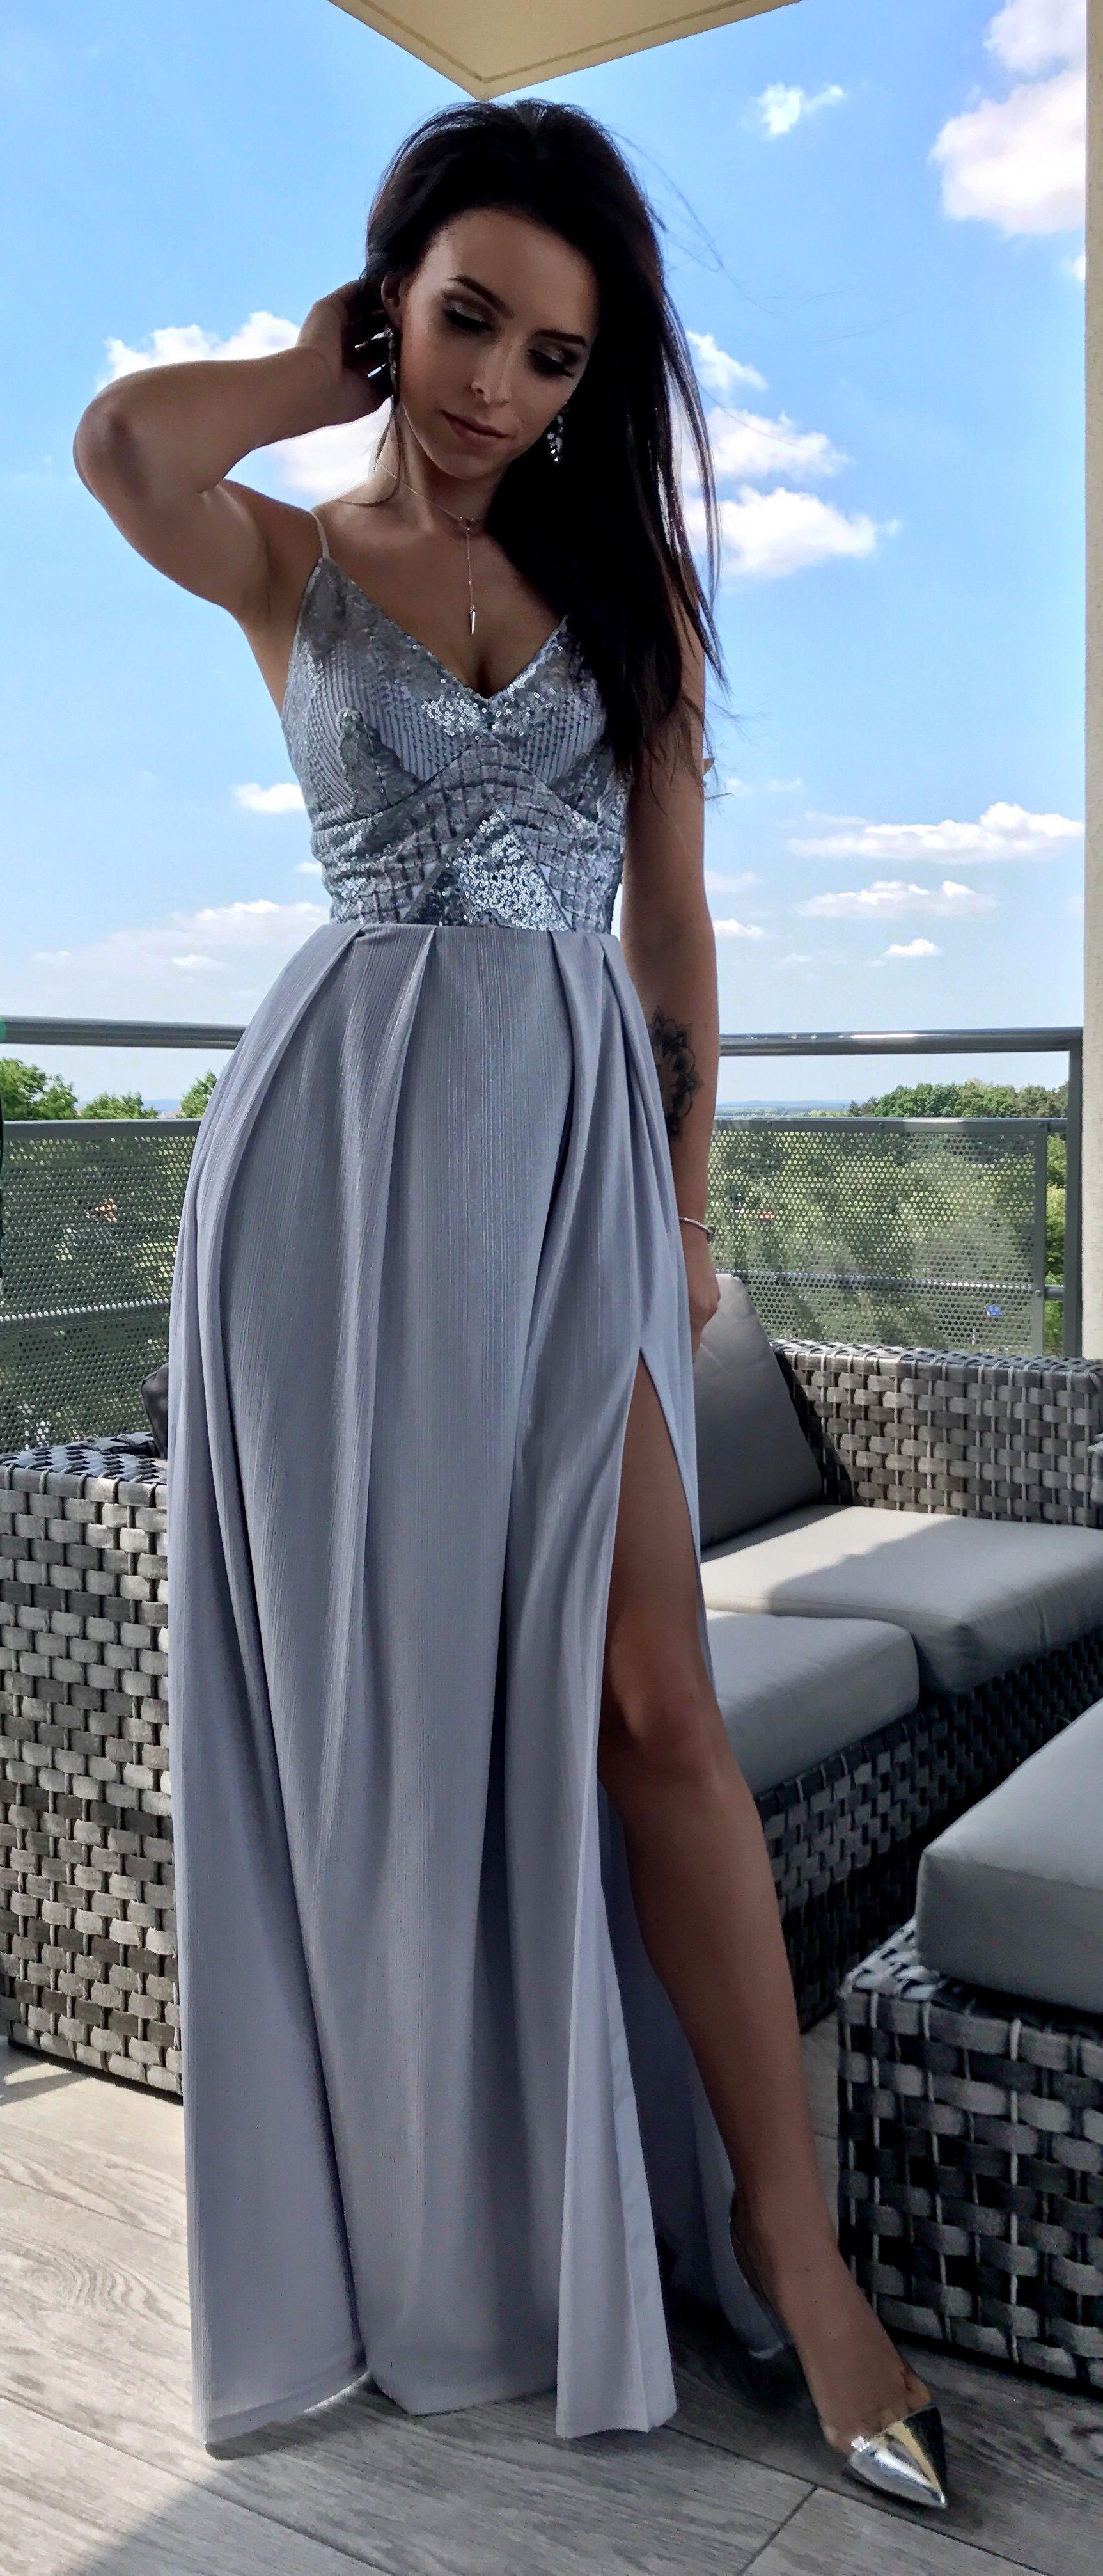 6f39892e8f Długa szara suknia wieczorowa ze srebrną nitką. Idealna sukienka dla druhny  lub na eleganckie przyjęcie